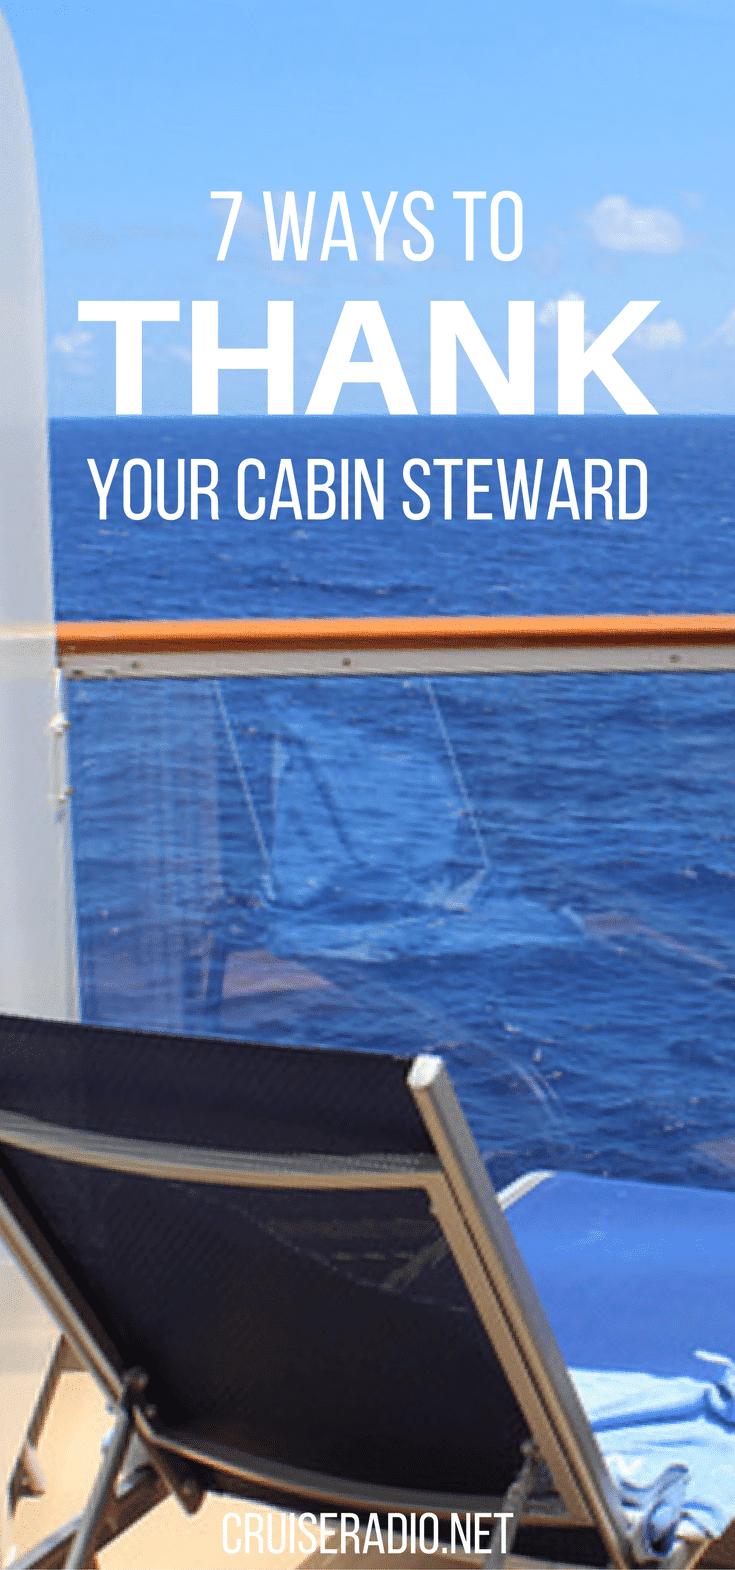 #cruise #travel #vacation #cruising #ship #traveltips